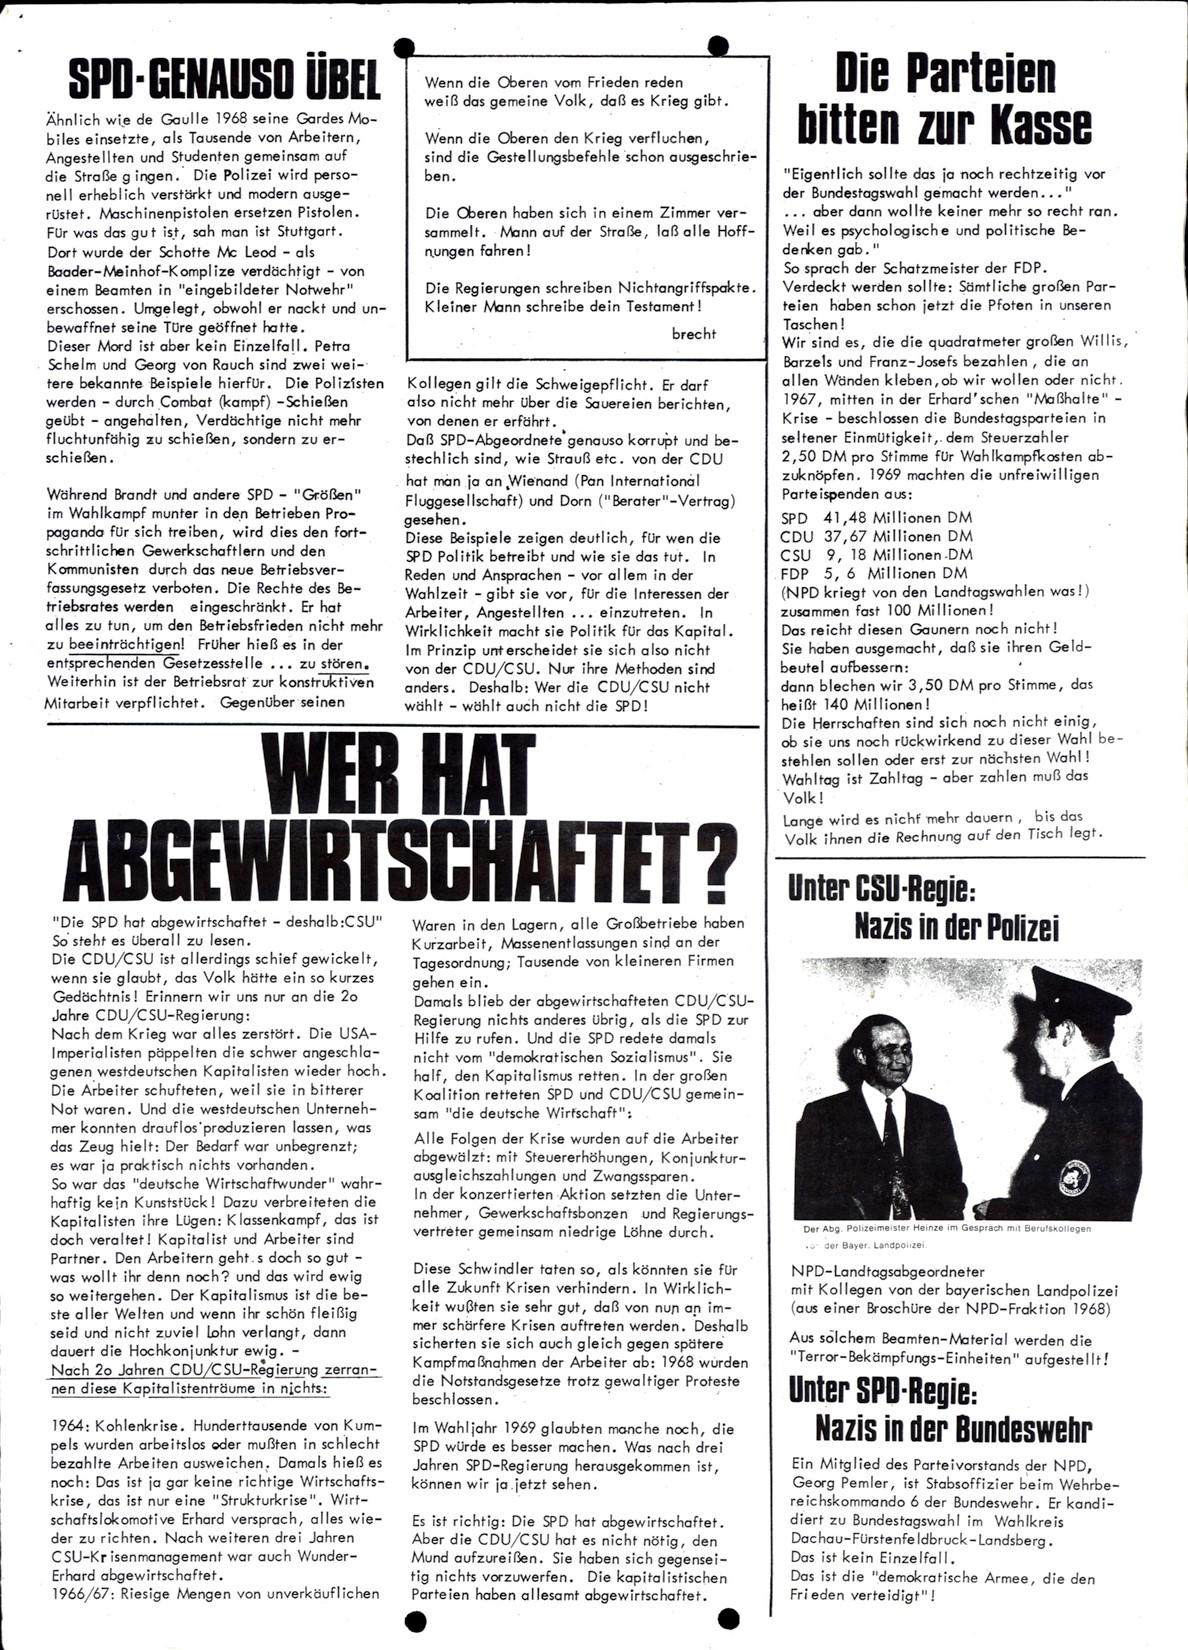 KPDML_1972_Wahlzeitung_03